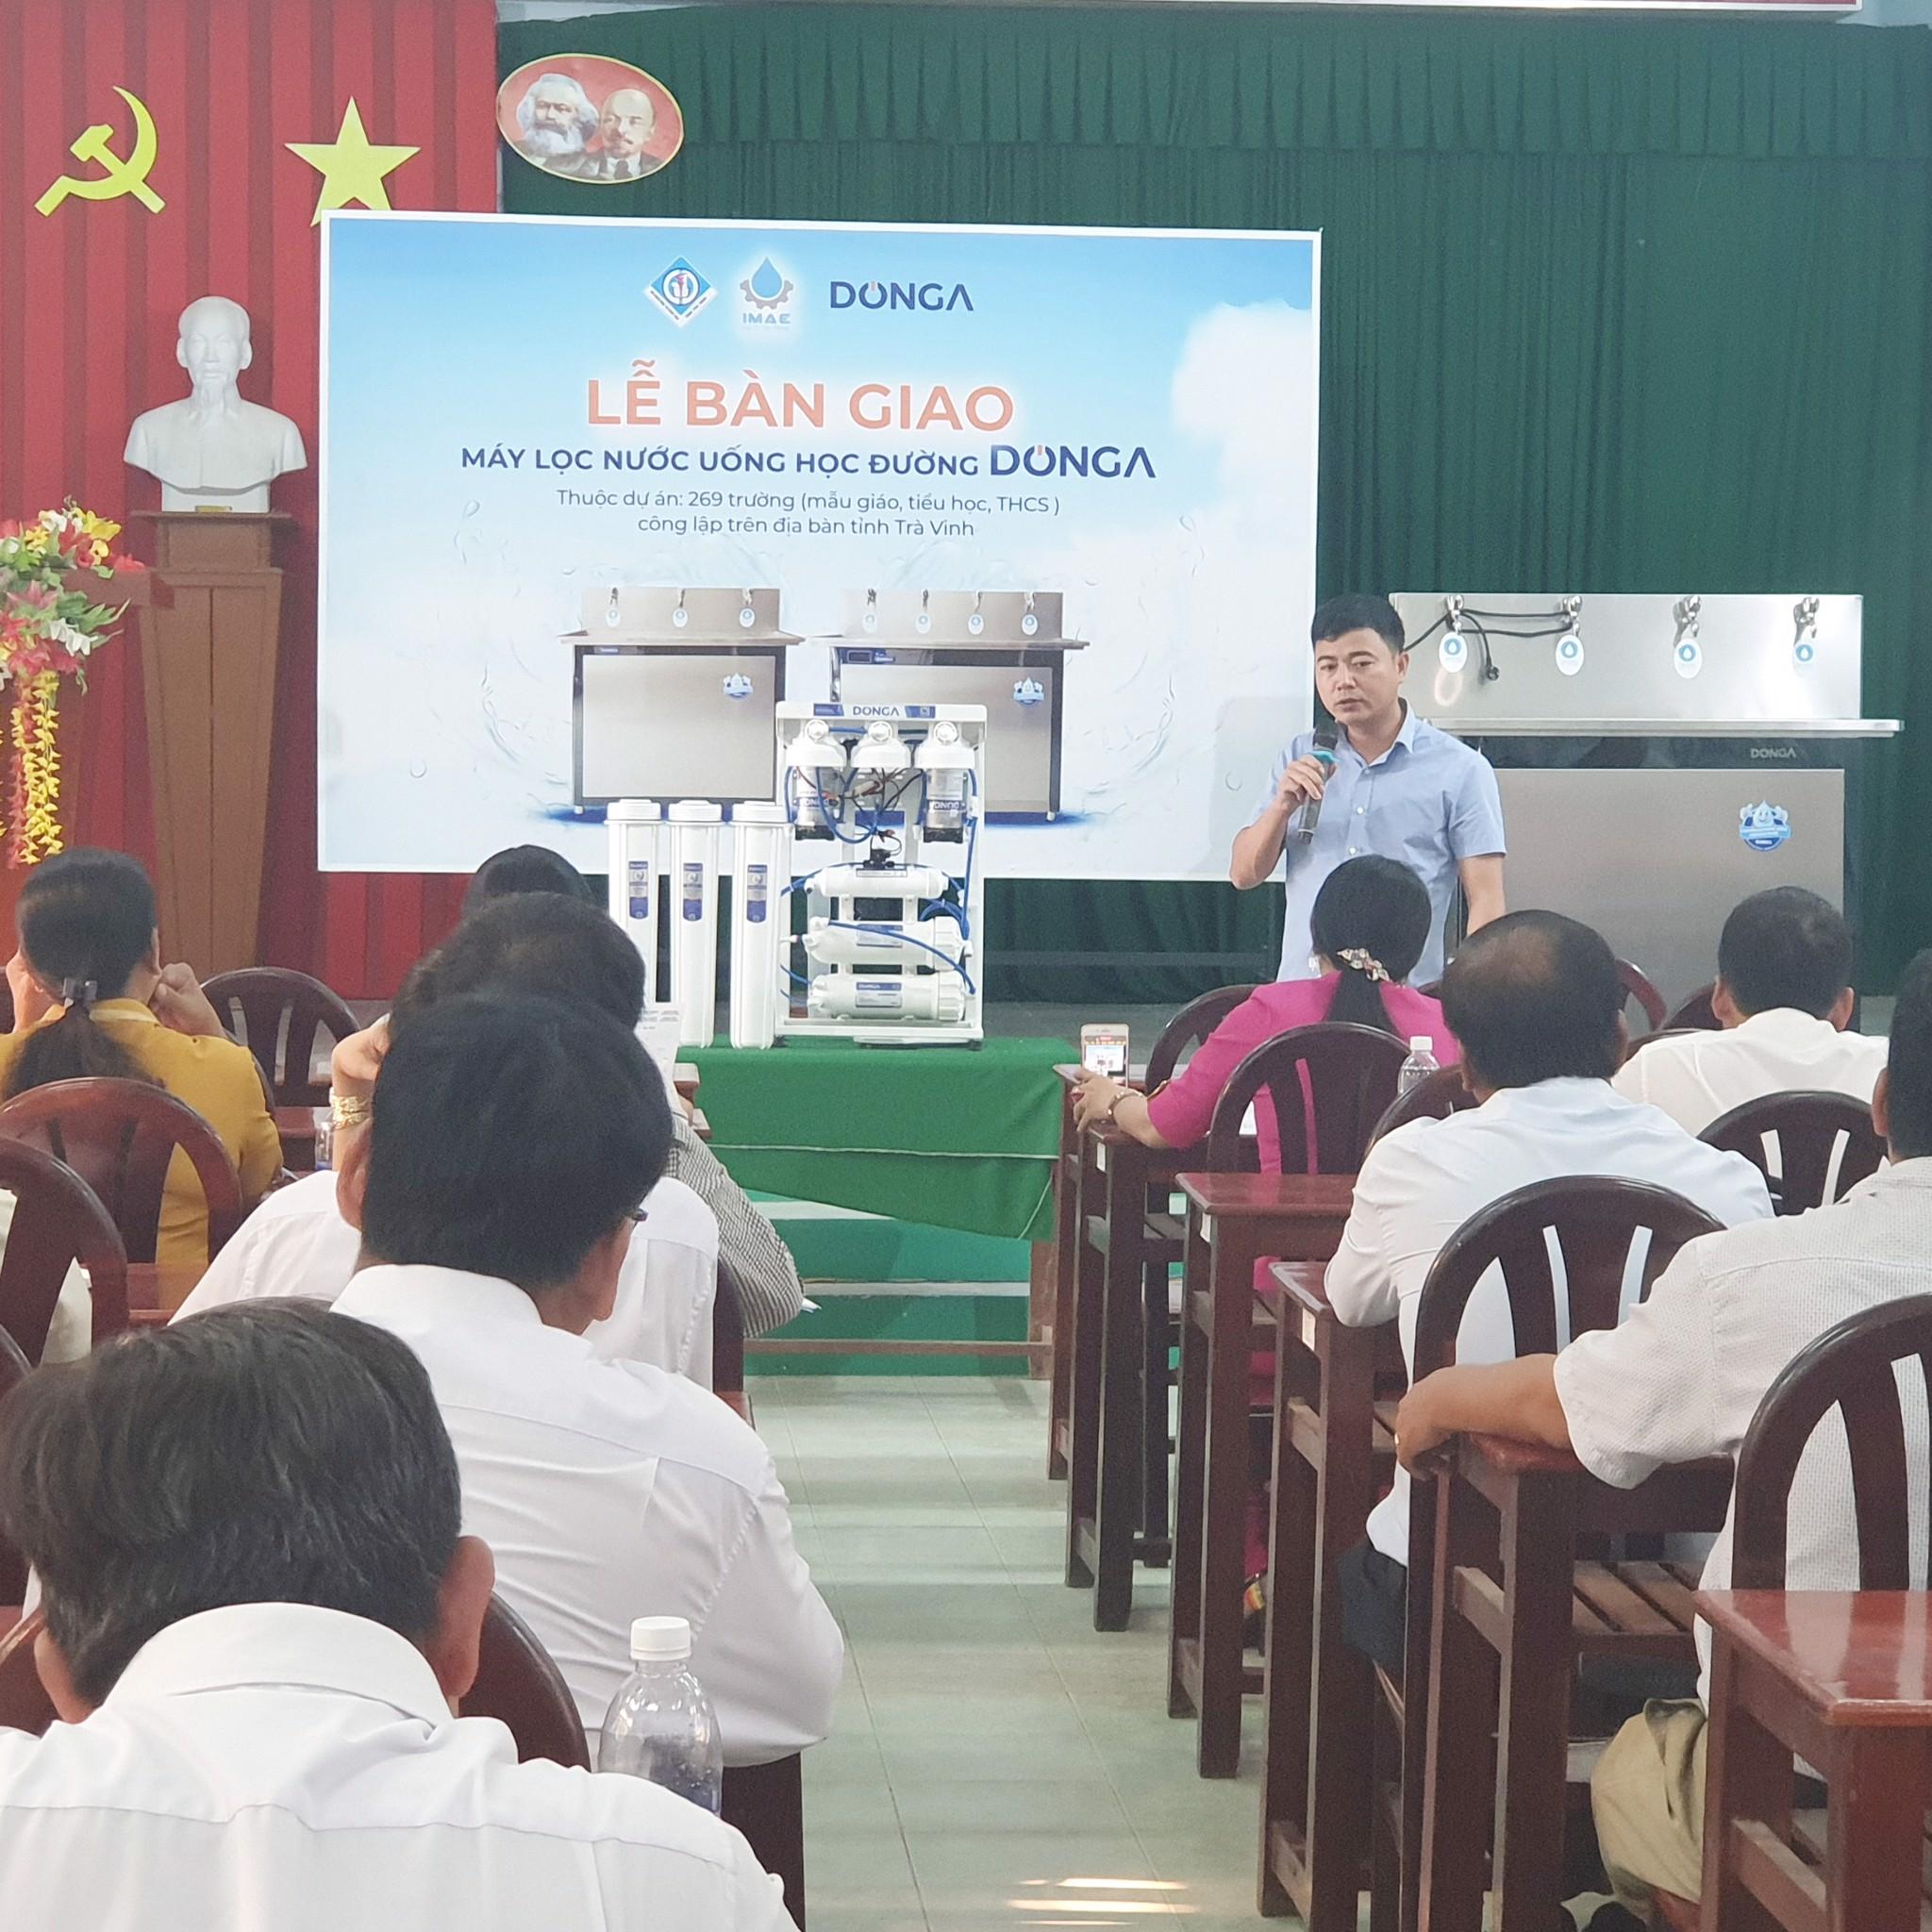 Bàn giao dự án lắp đặt máy lọc nước học đường DONGA cho 269 trường học Tỉnh Trà Vinh